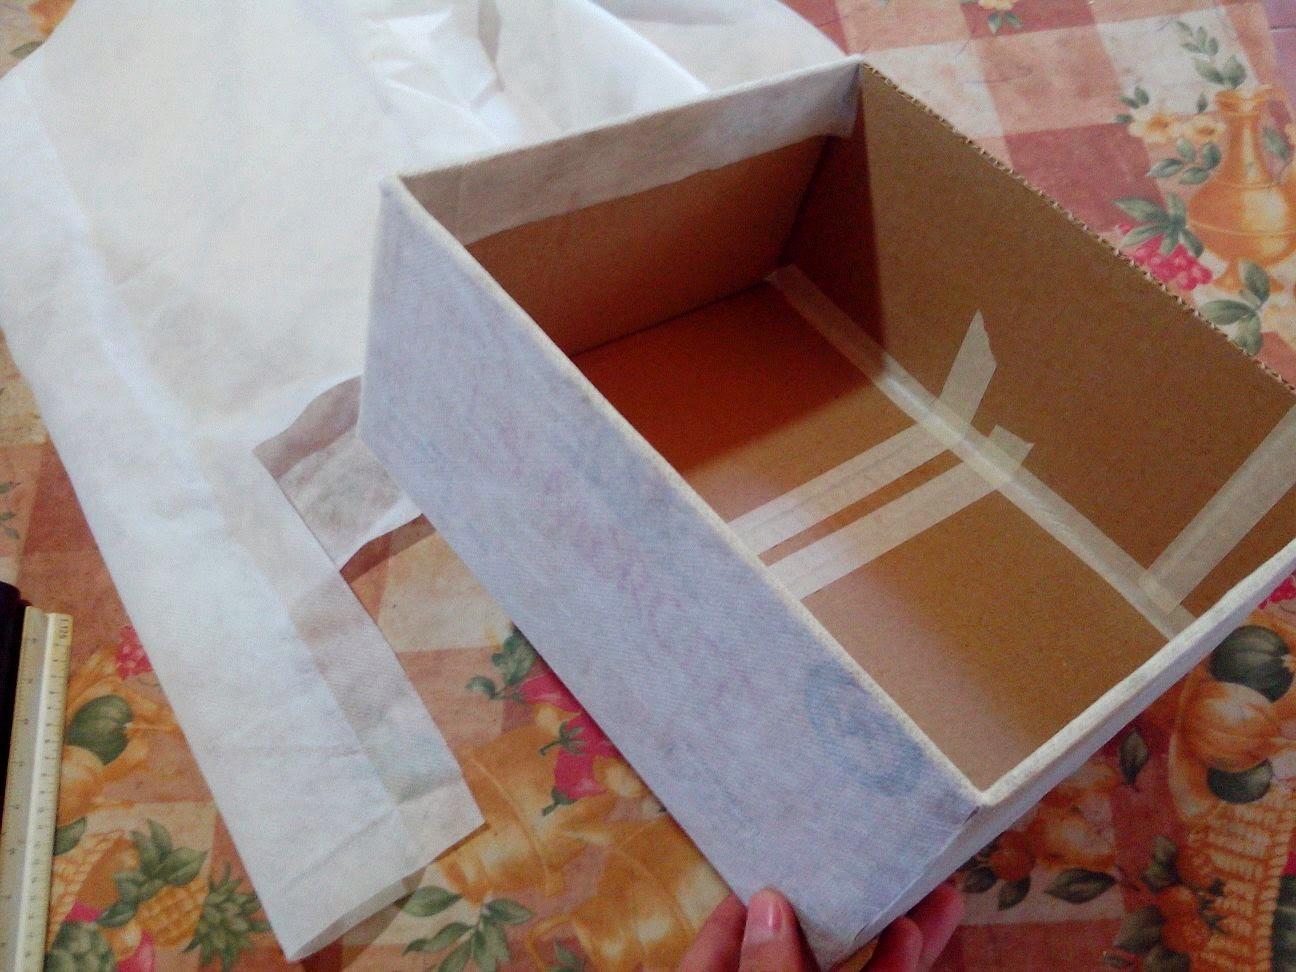 Manualidades caja forrada con tela para guardar objetos - Forrar cajas de carton con telas ...